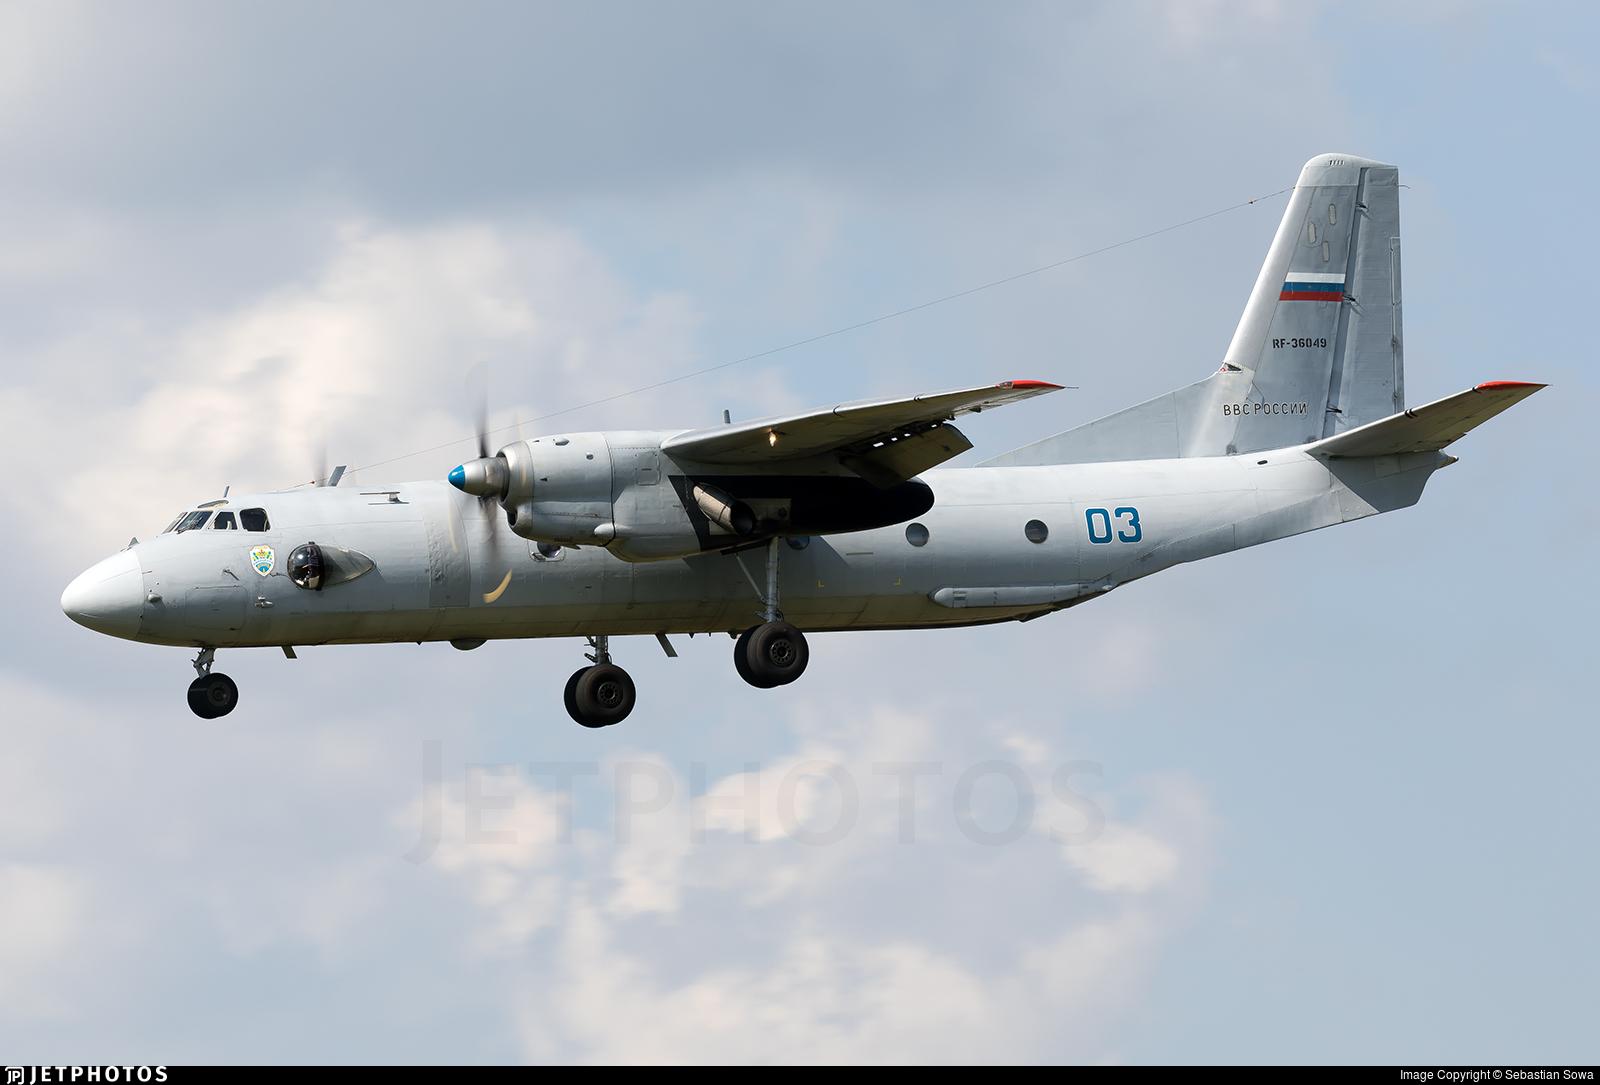 RF-36049 - Antonov An-26B - Russia - Air Force